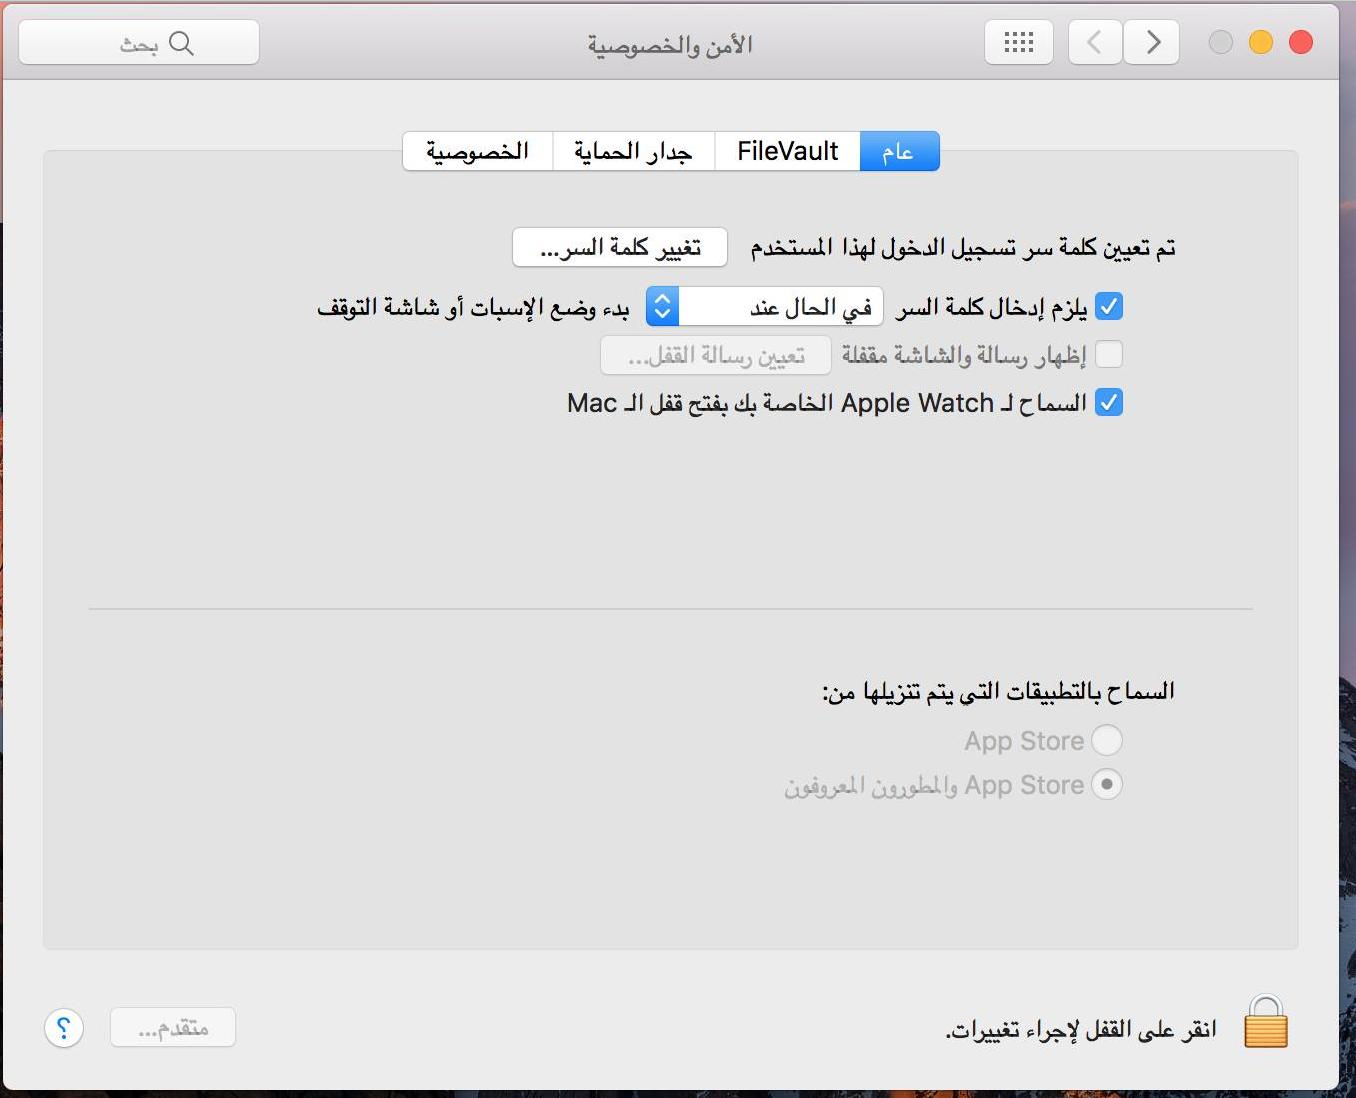 لقطة الشاشة ٢٠١٦-٠٩-٢٢ في ٤.٣٢.٠٢ م.png